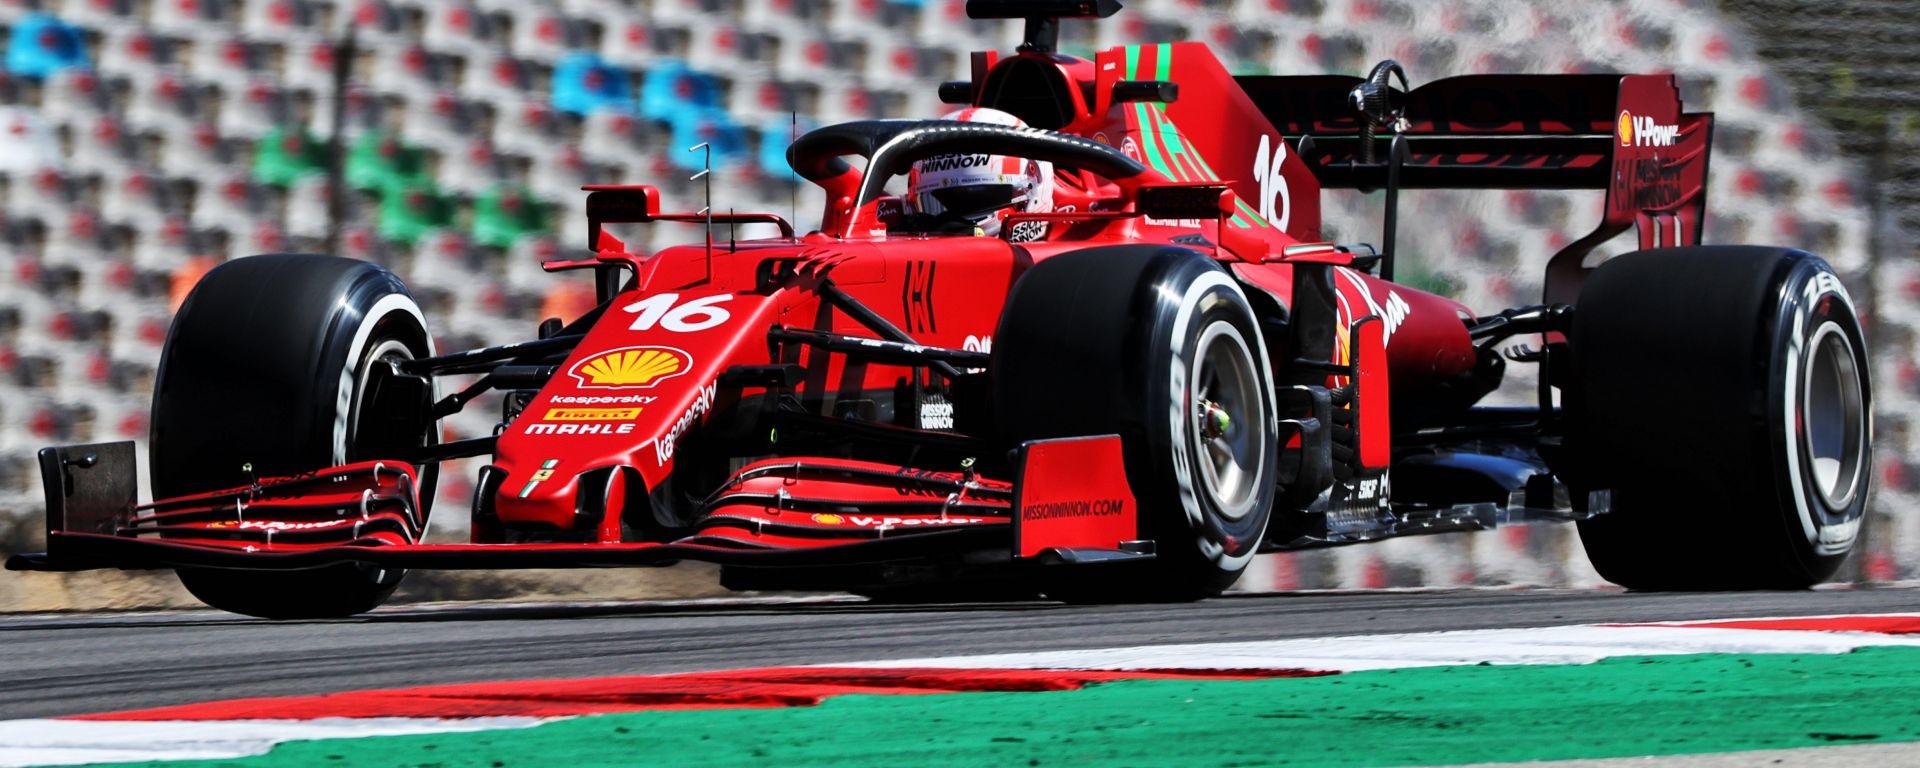 F1 GP Portogallo 2020, Portimao: Charles Leclerc (Scuderia Ferrari)